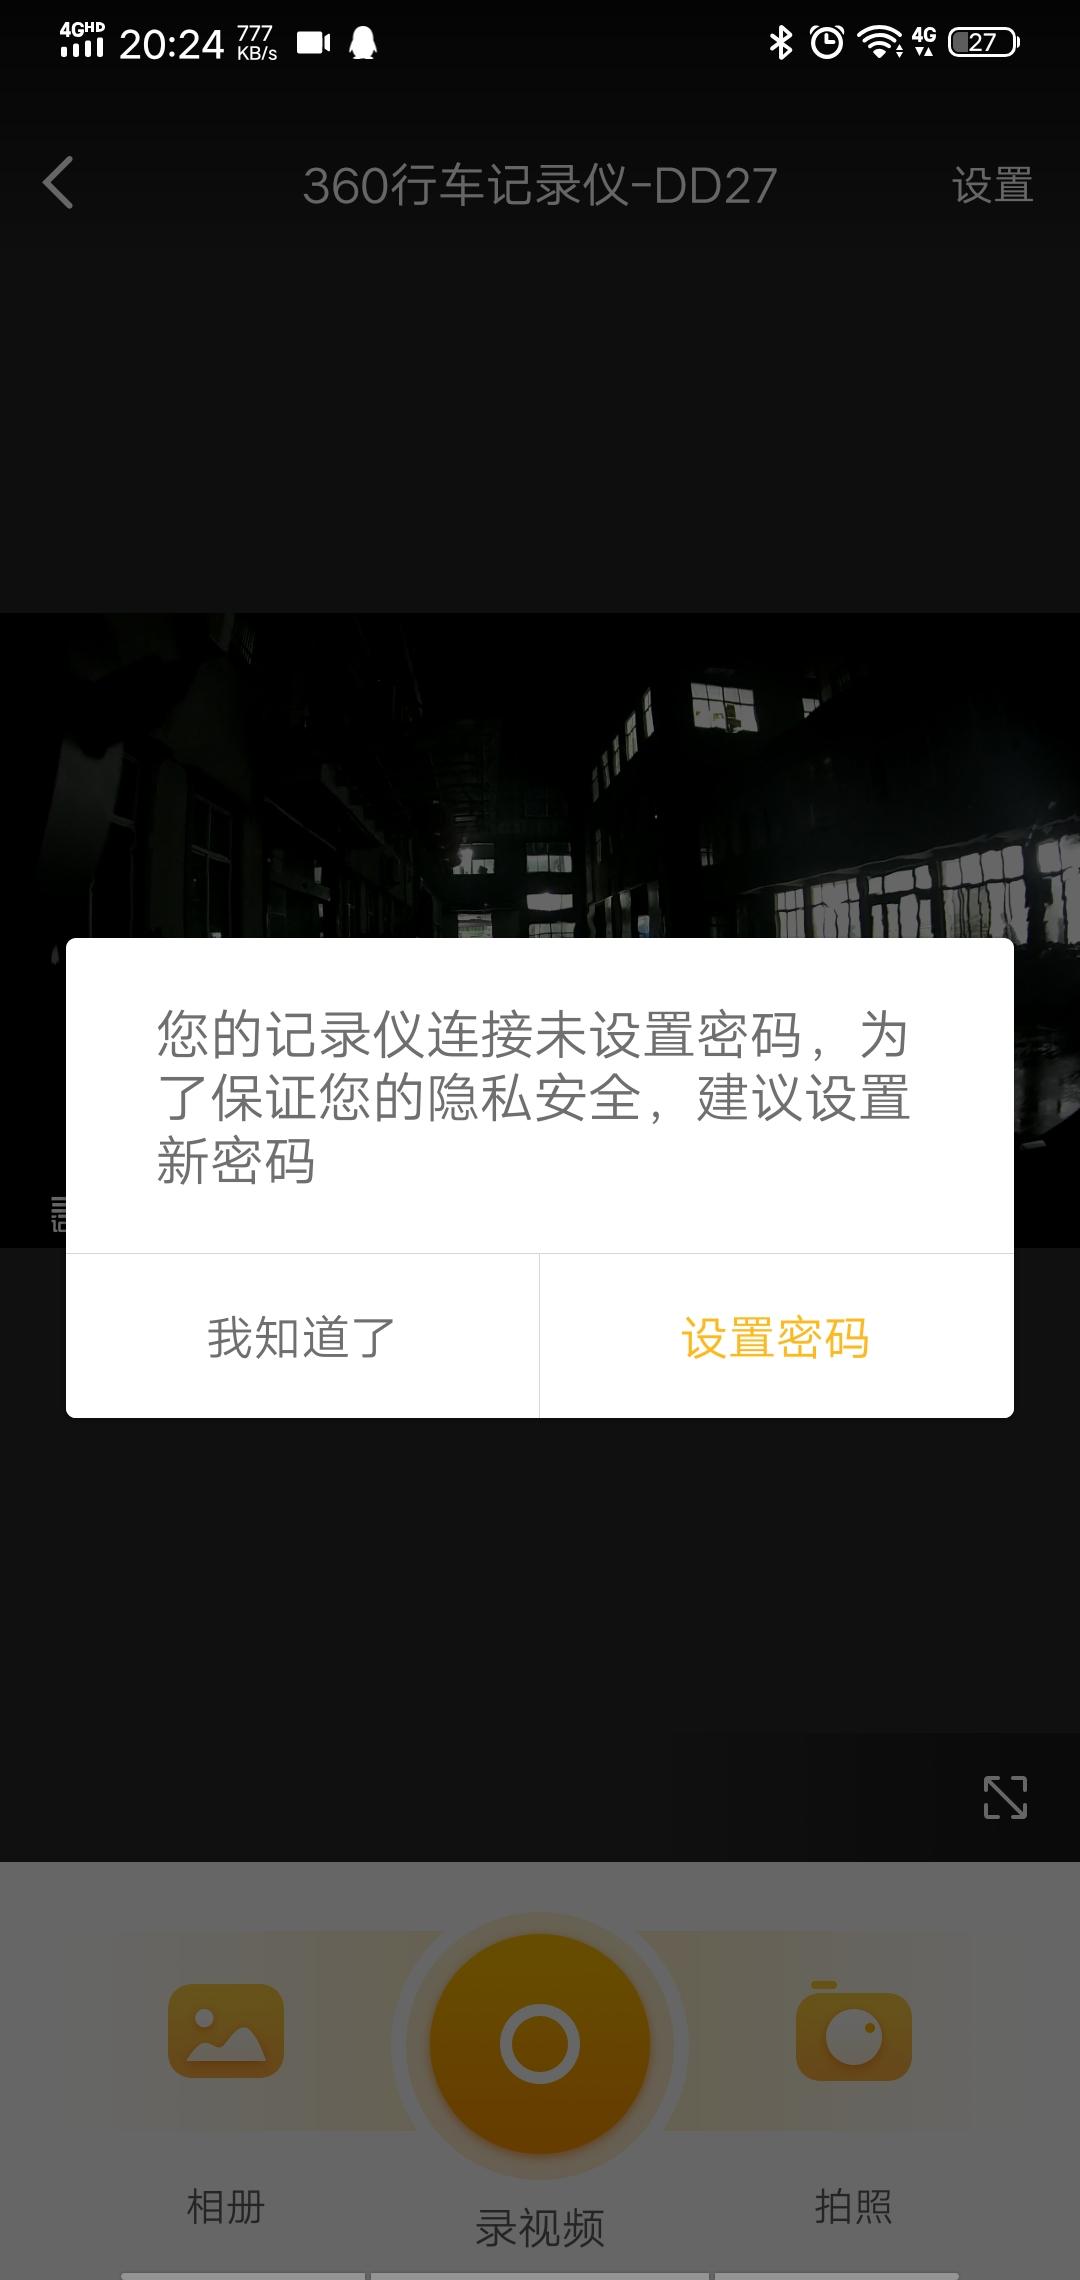 Screenshot_20191221_202409.jpg